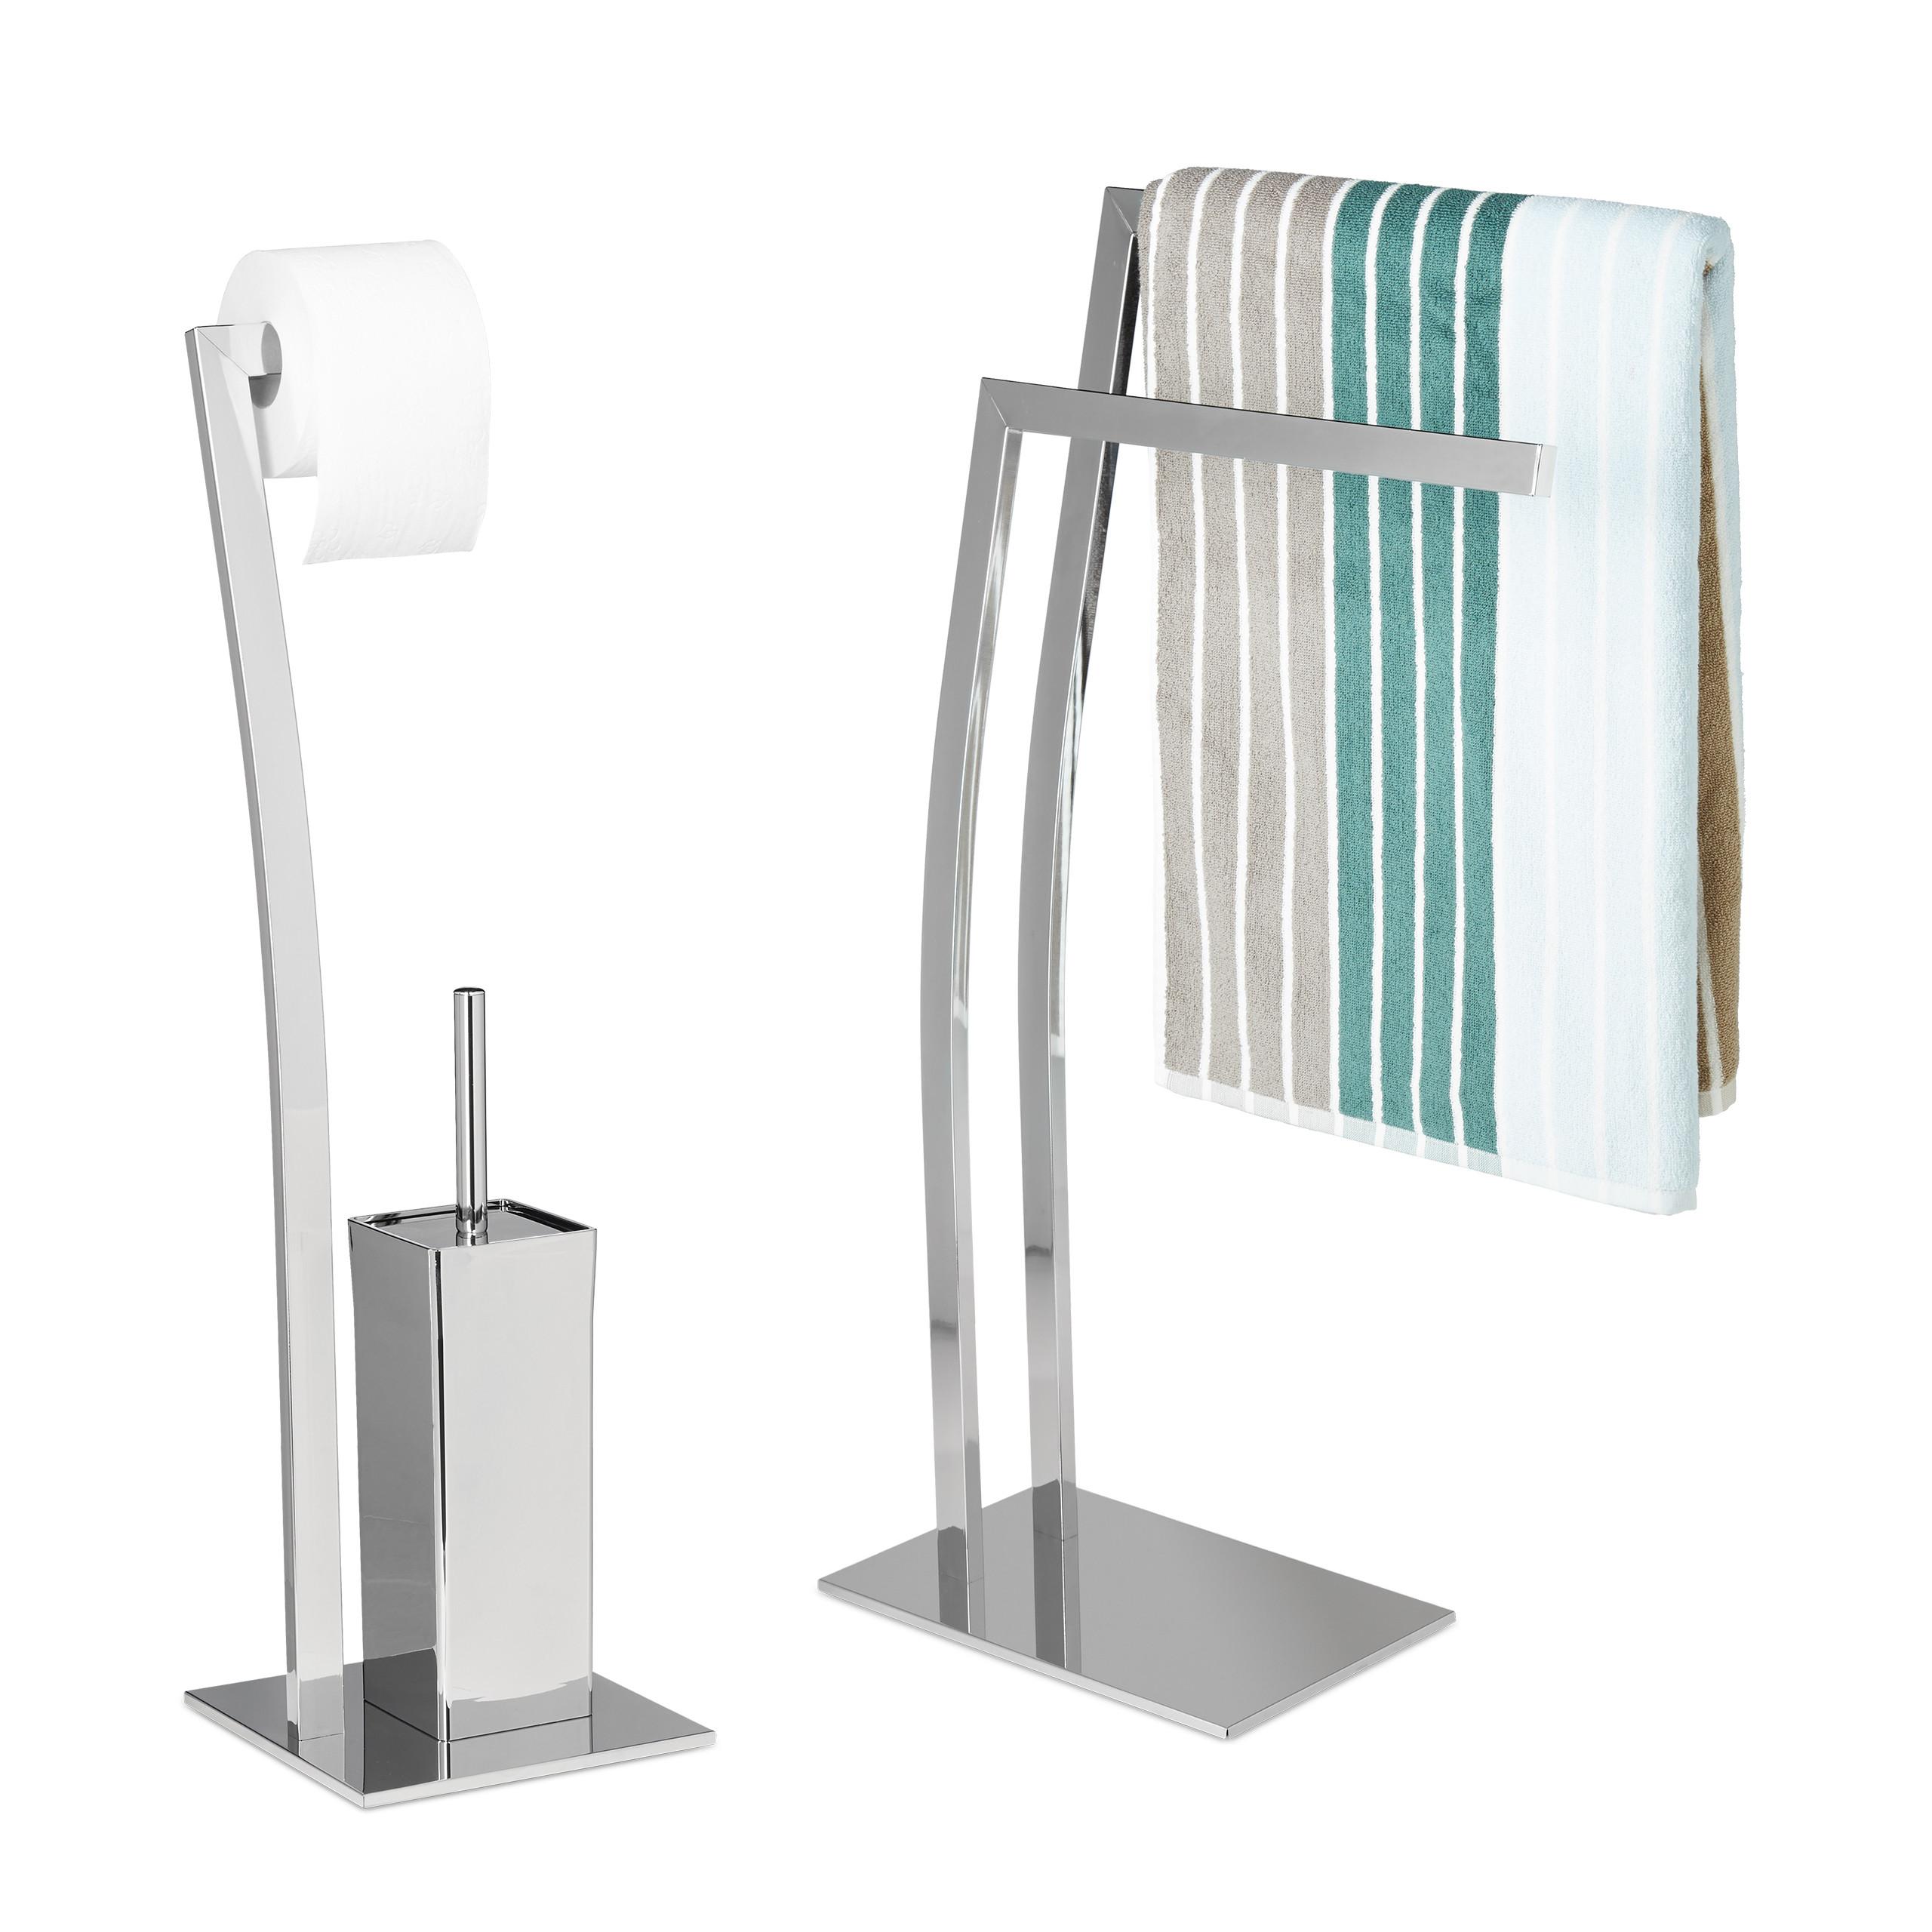 2 tlg Badezimmer Set WIMEDO Toilettenpapierhalter WC